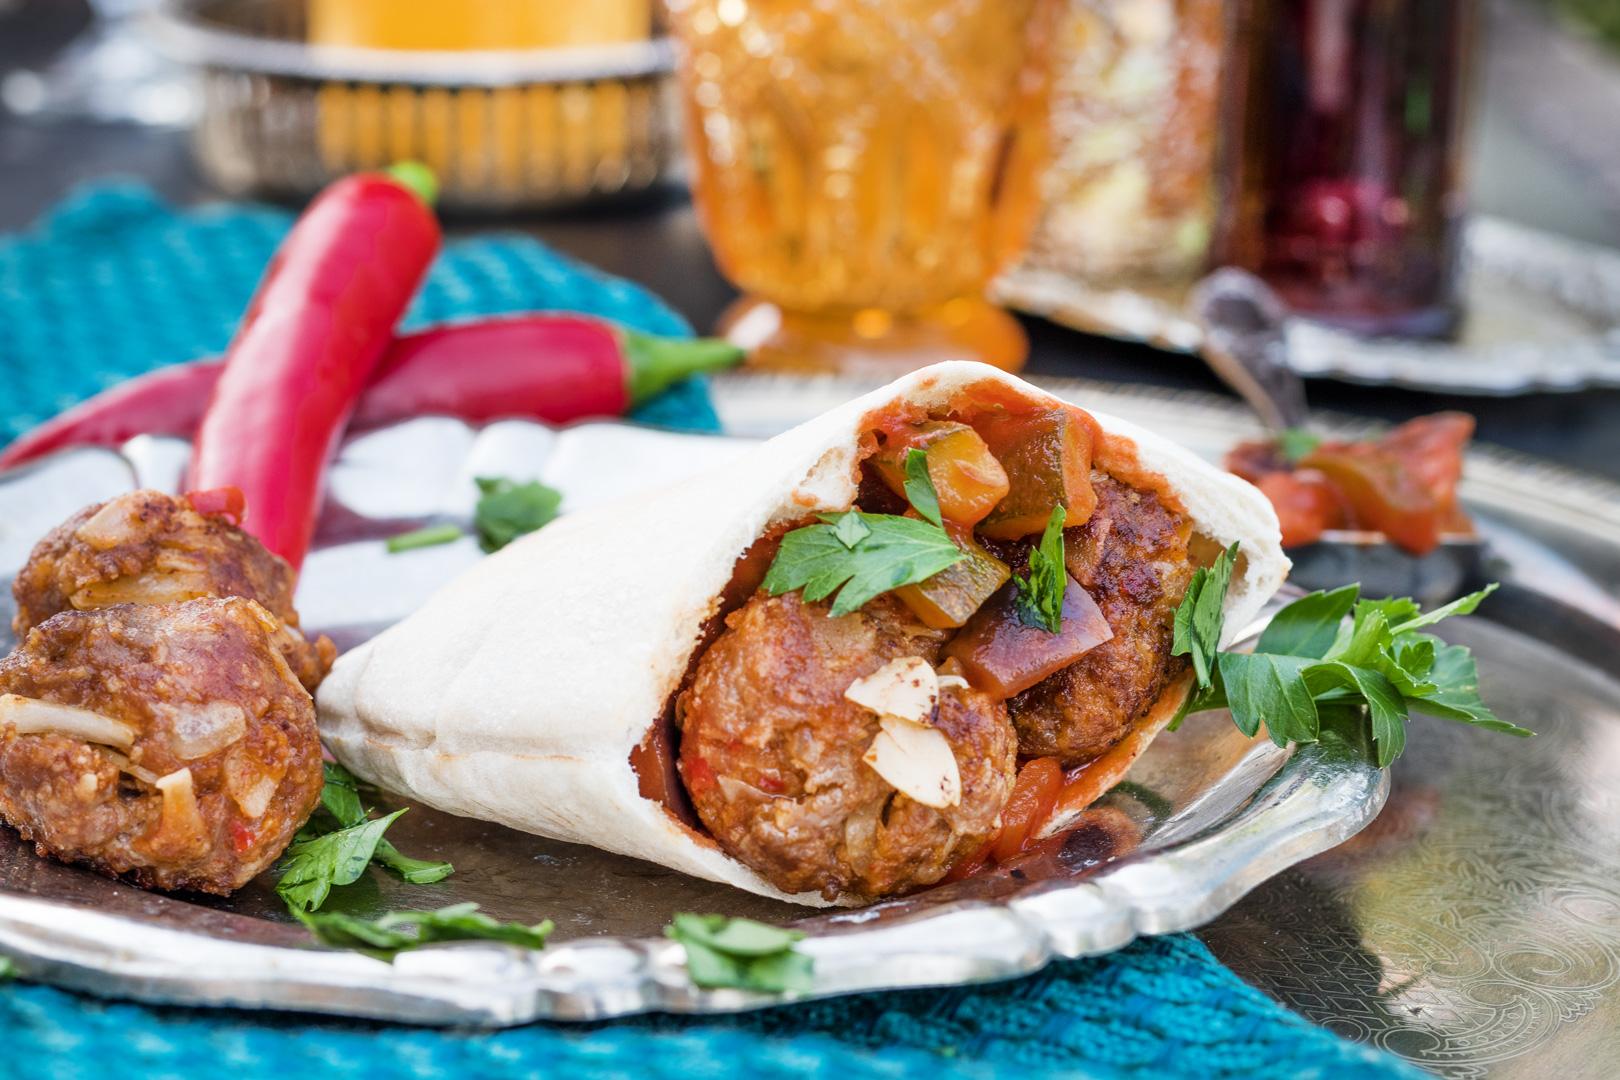 Pita mit gegrillten Chilihühnchen, Pertersiliensalat und Weizen Pita von Mestemacher